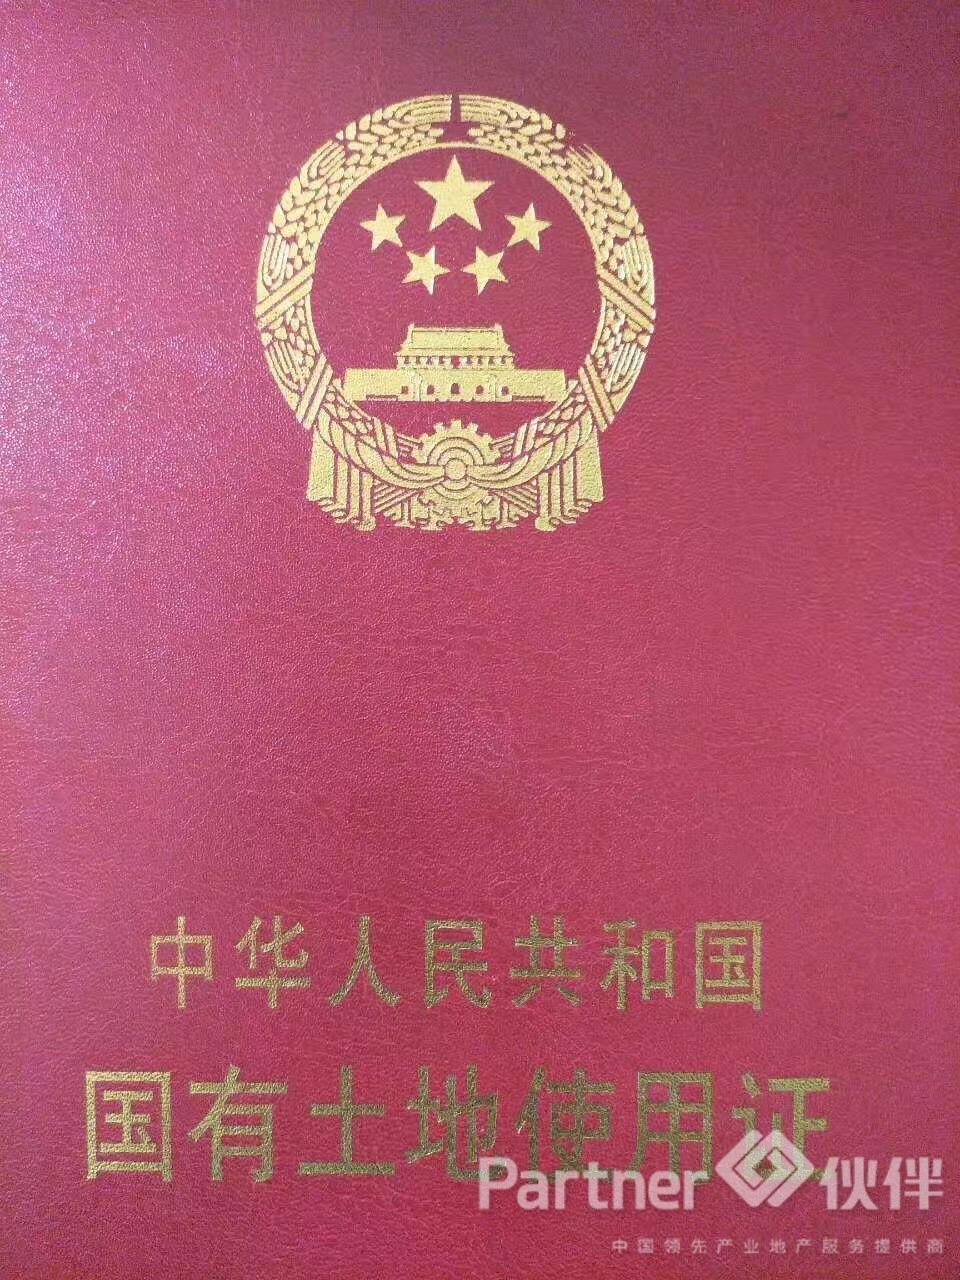 东莞虎门占地 19963 ㎡建筑 19110.52  ㎡国有